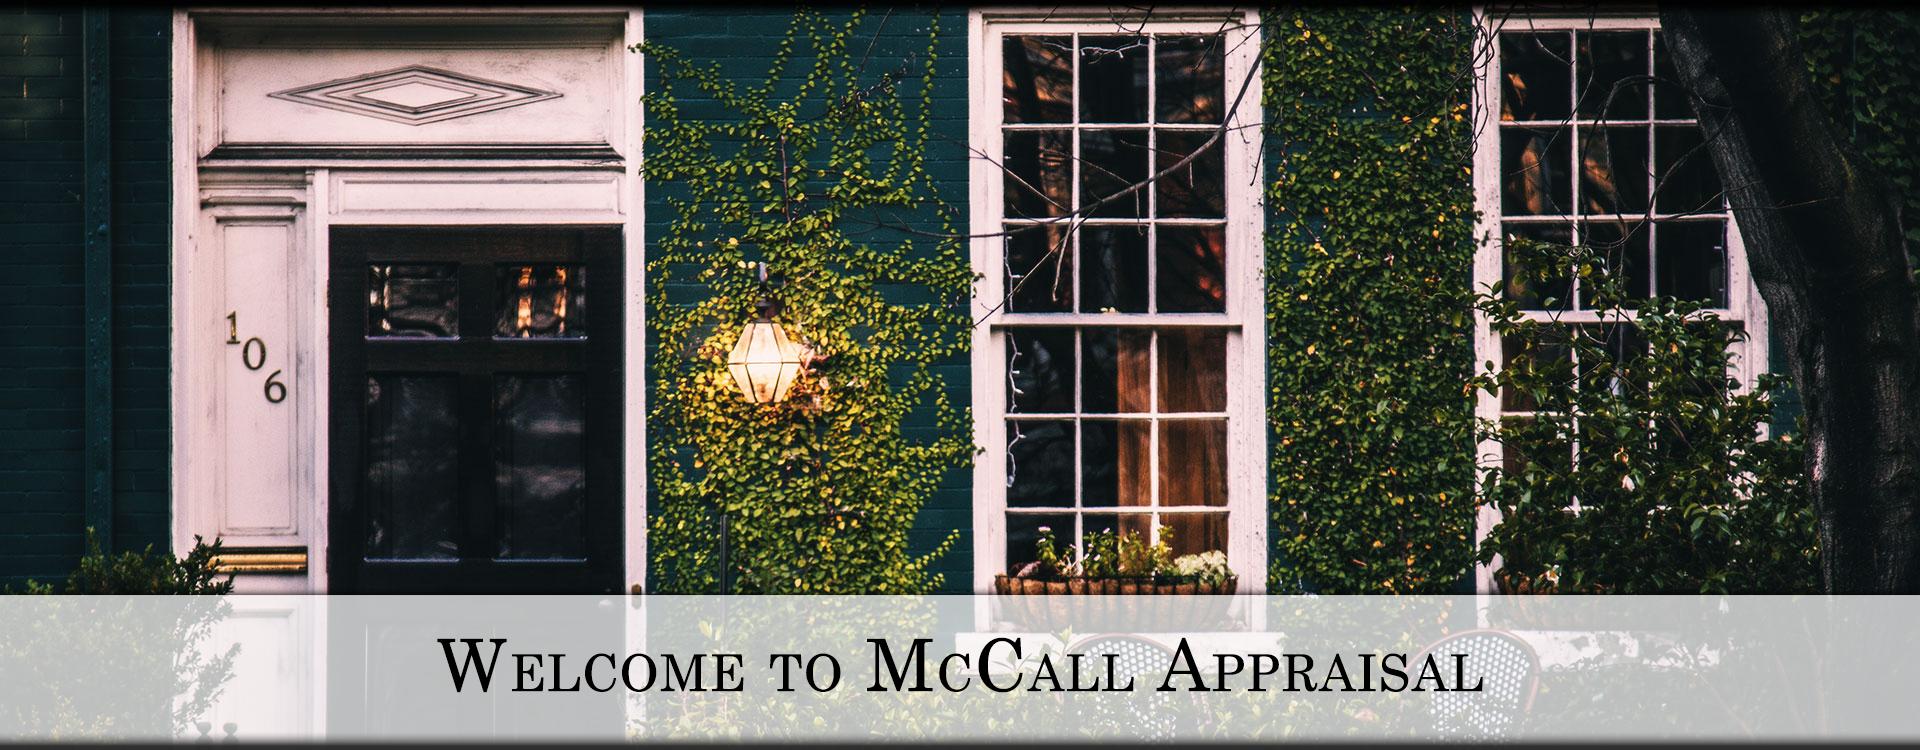 mccall_appraisal_main2-c31c58351ed7a9c00a76e70df0221768